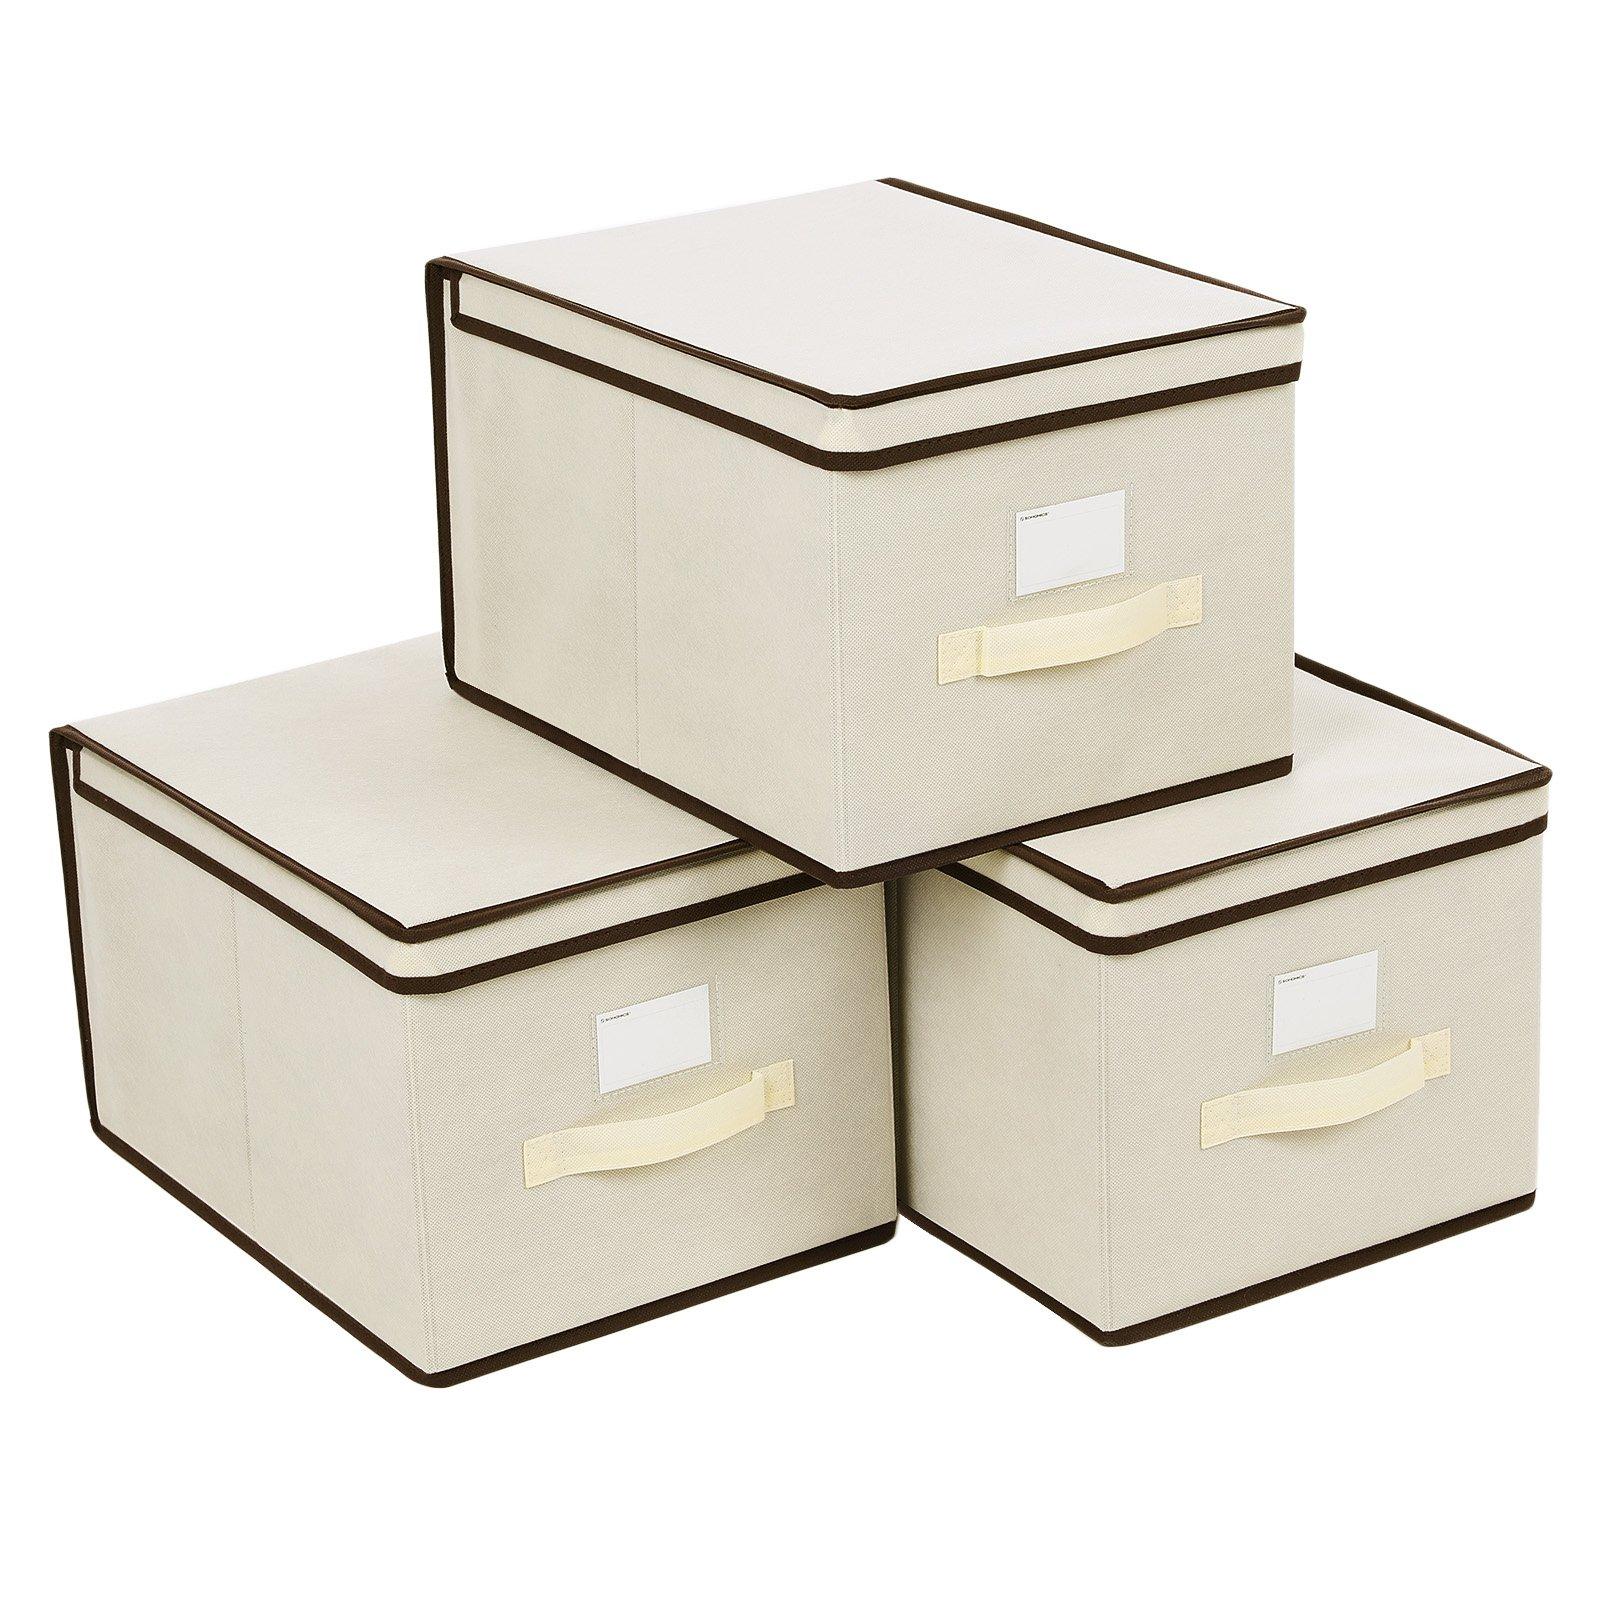 SONGMICS Set de 3 Cajas de Almacenaje Cubos de Tela Organizador Plegable con Tapa y Ventana